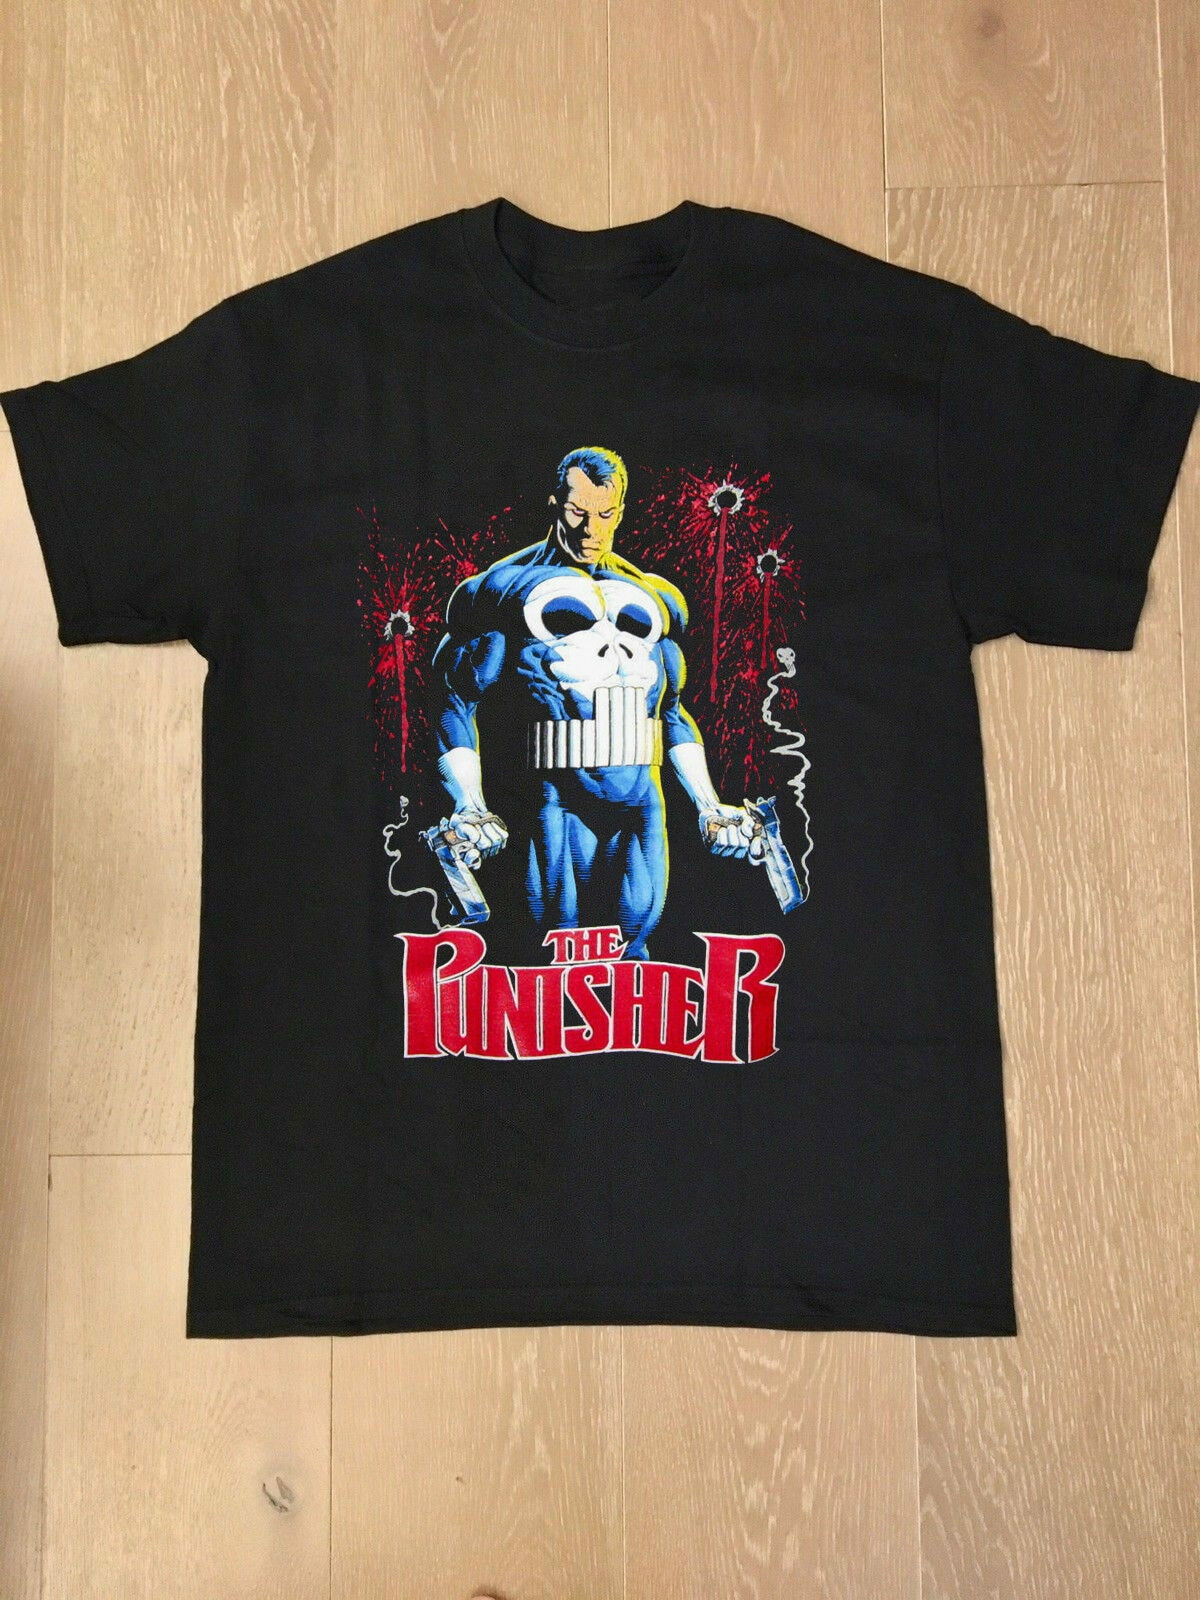 Camiseta de The Punisher con diseño de calavera y balas, de estilo retro, de Spiderman, atreve, Devil + 10, regalo gratuito